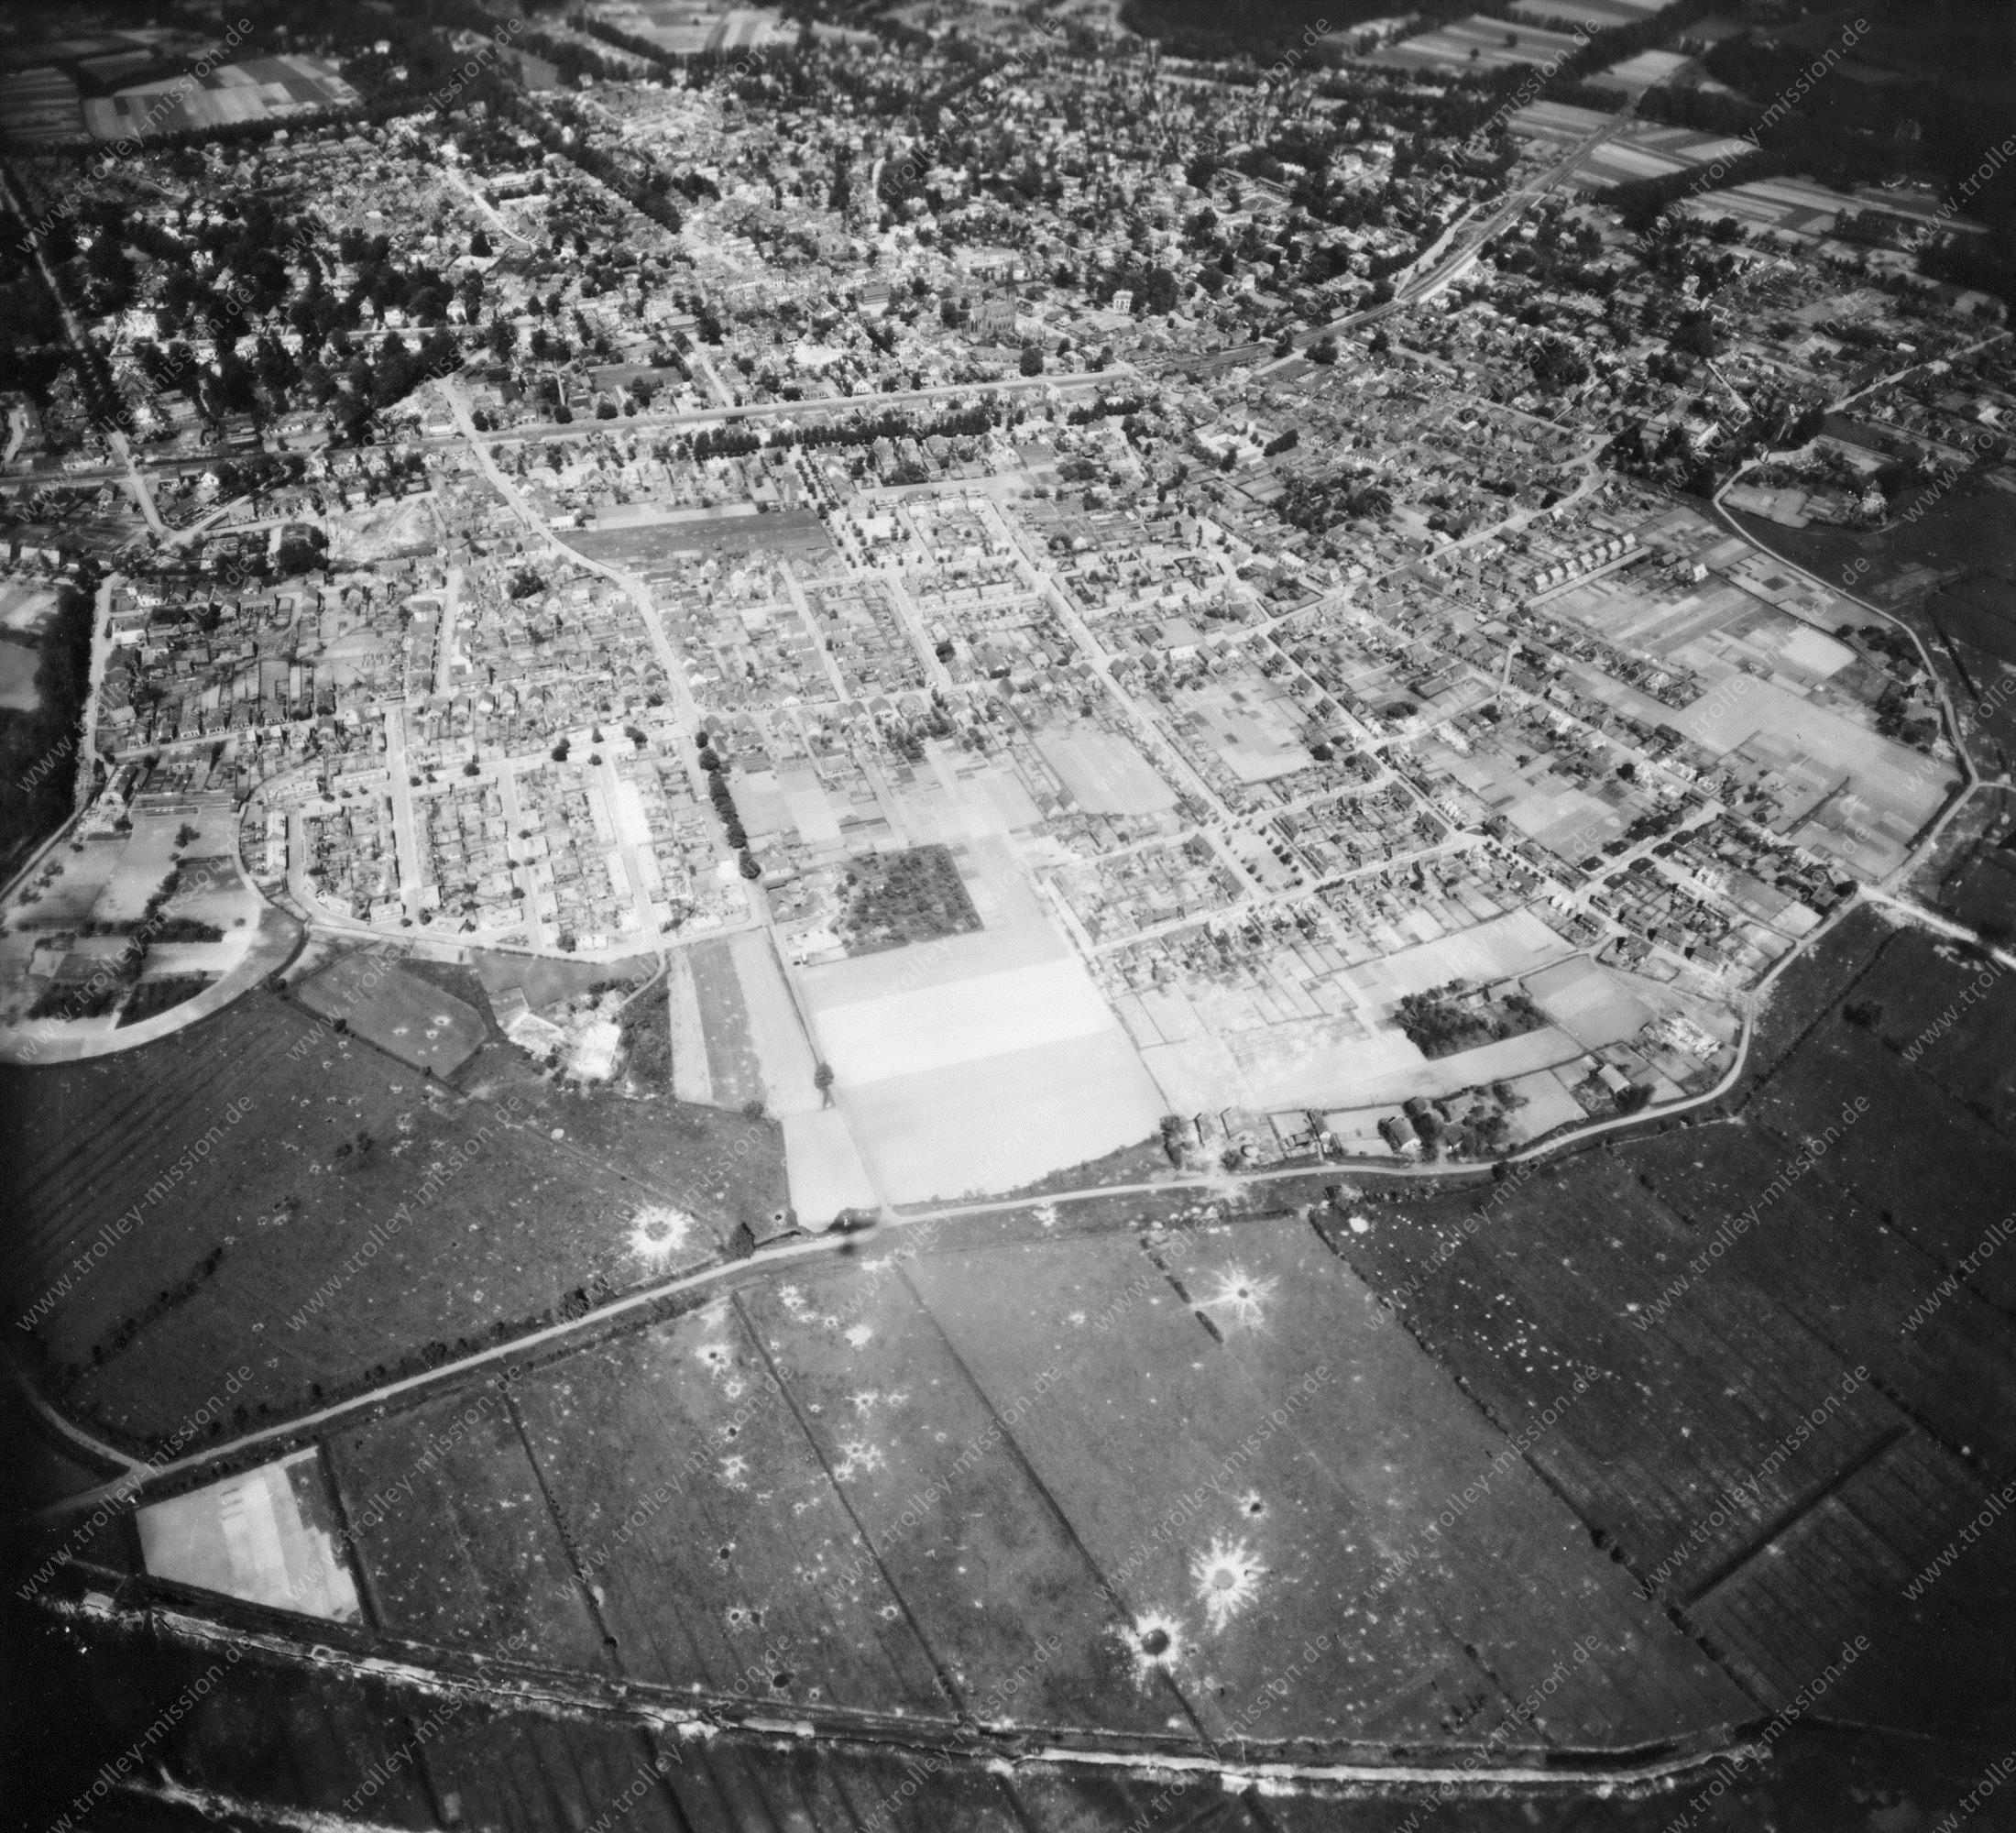 Velp (Gelderland) in de Tweede Wereldoorlog - Luchtopname 1/5 op 12 mei 1945